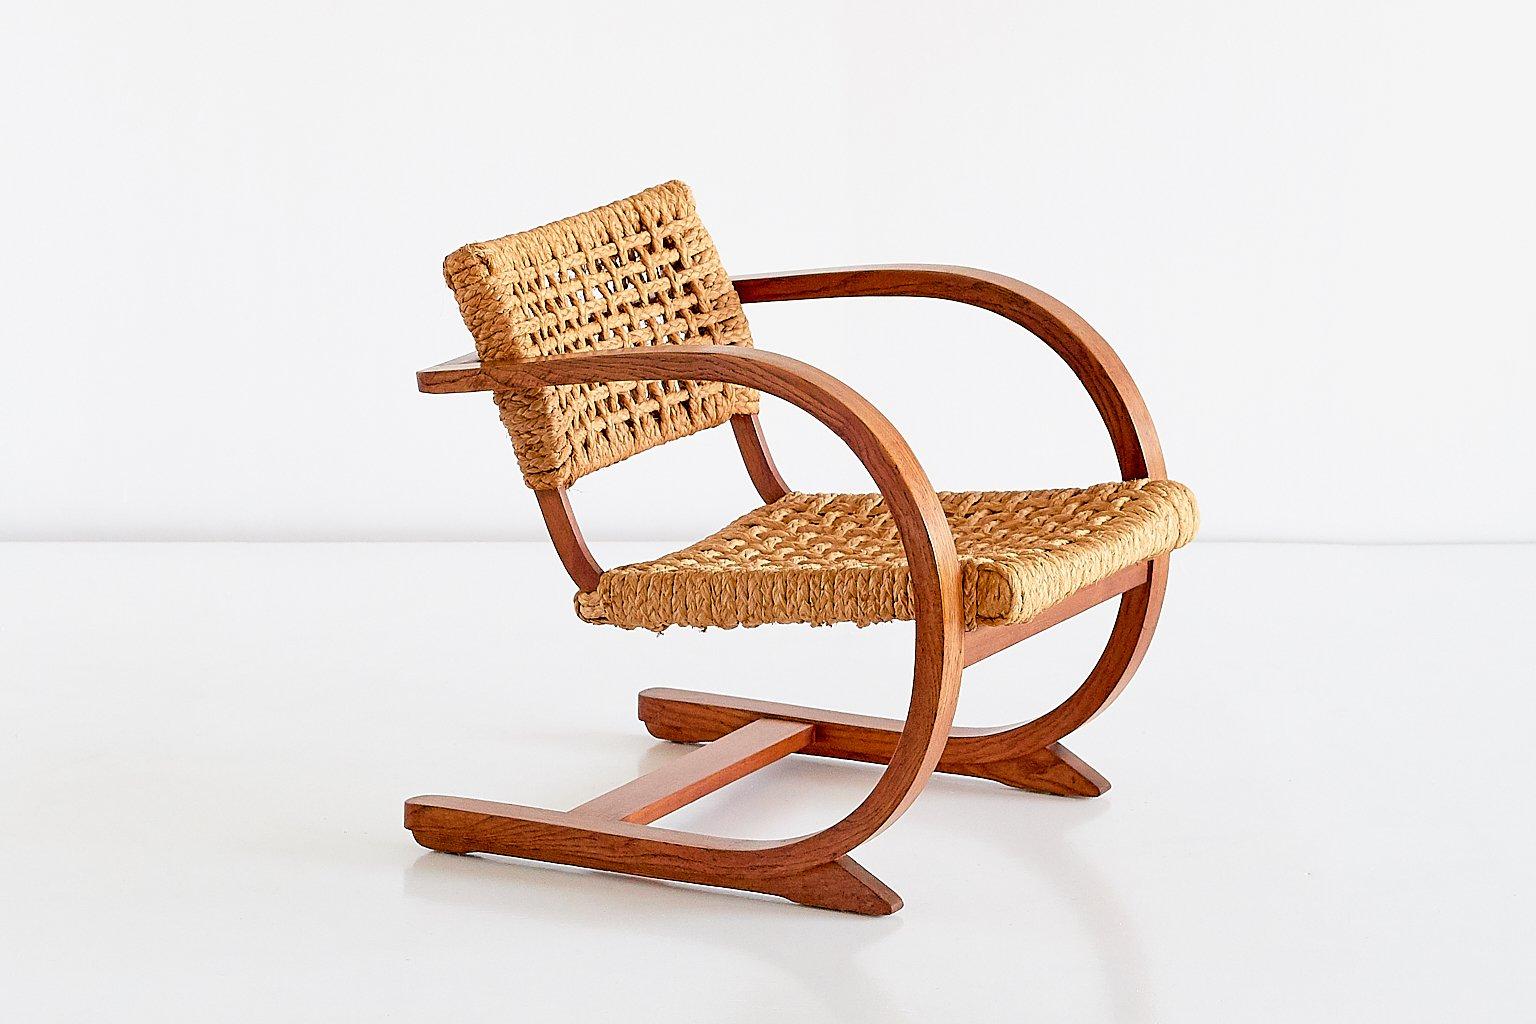 Niederländischer Sessel aus Eiche & Seil von Bas Van Pelt, 1936